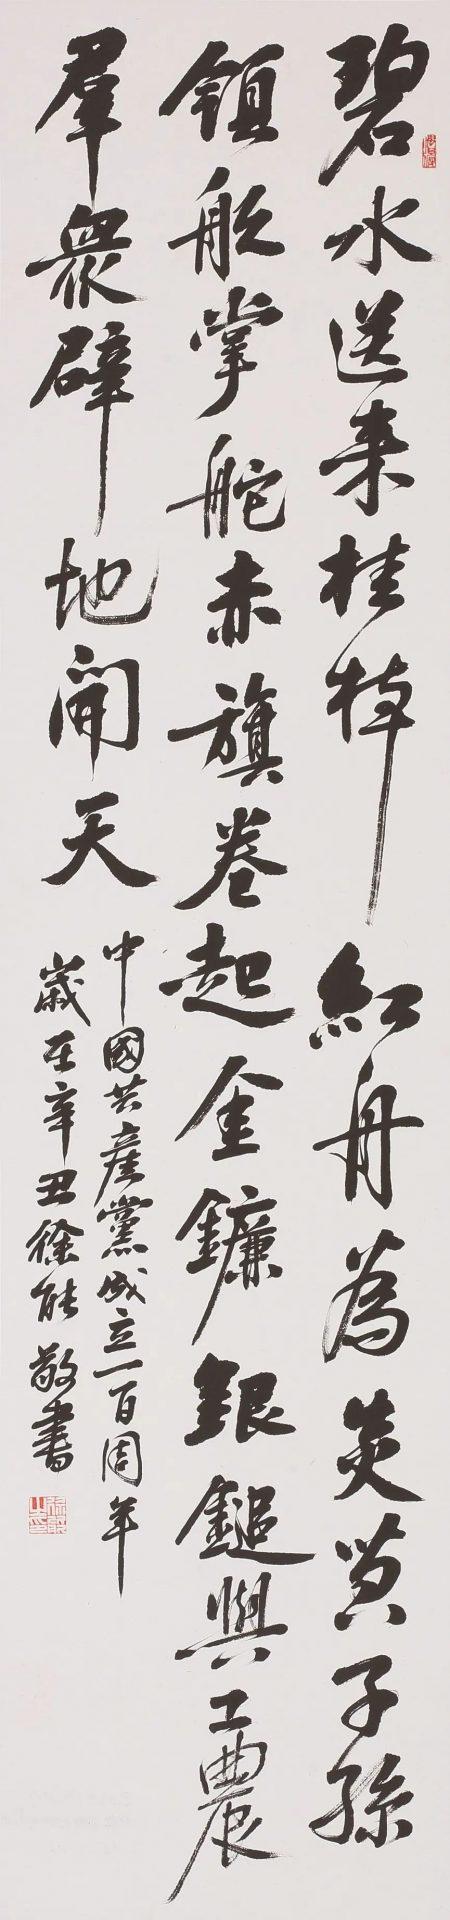 武侯区教育学会书法专委会教师书画作品入选武侯区庆祝中国共产党成立100周年美术书法作品展